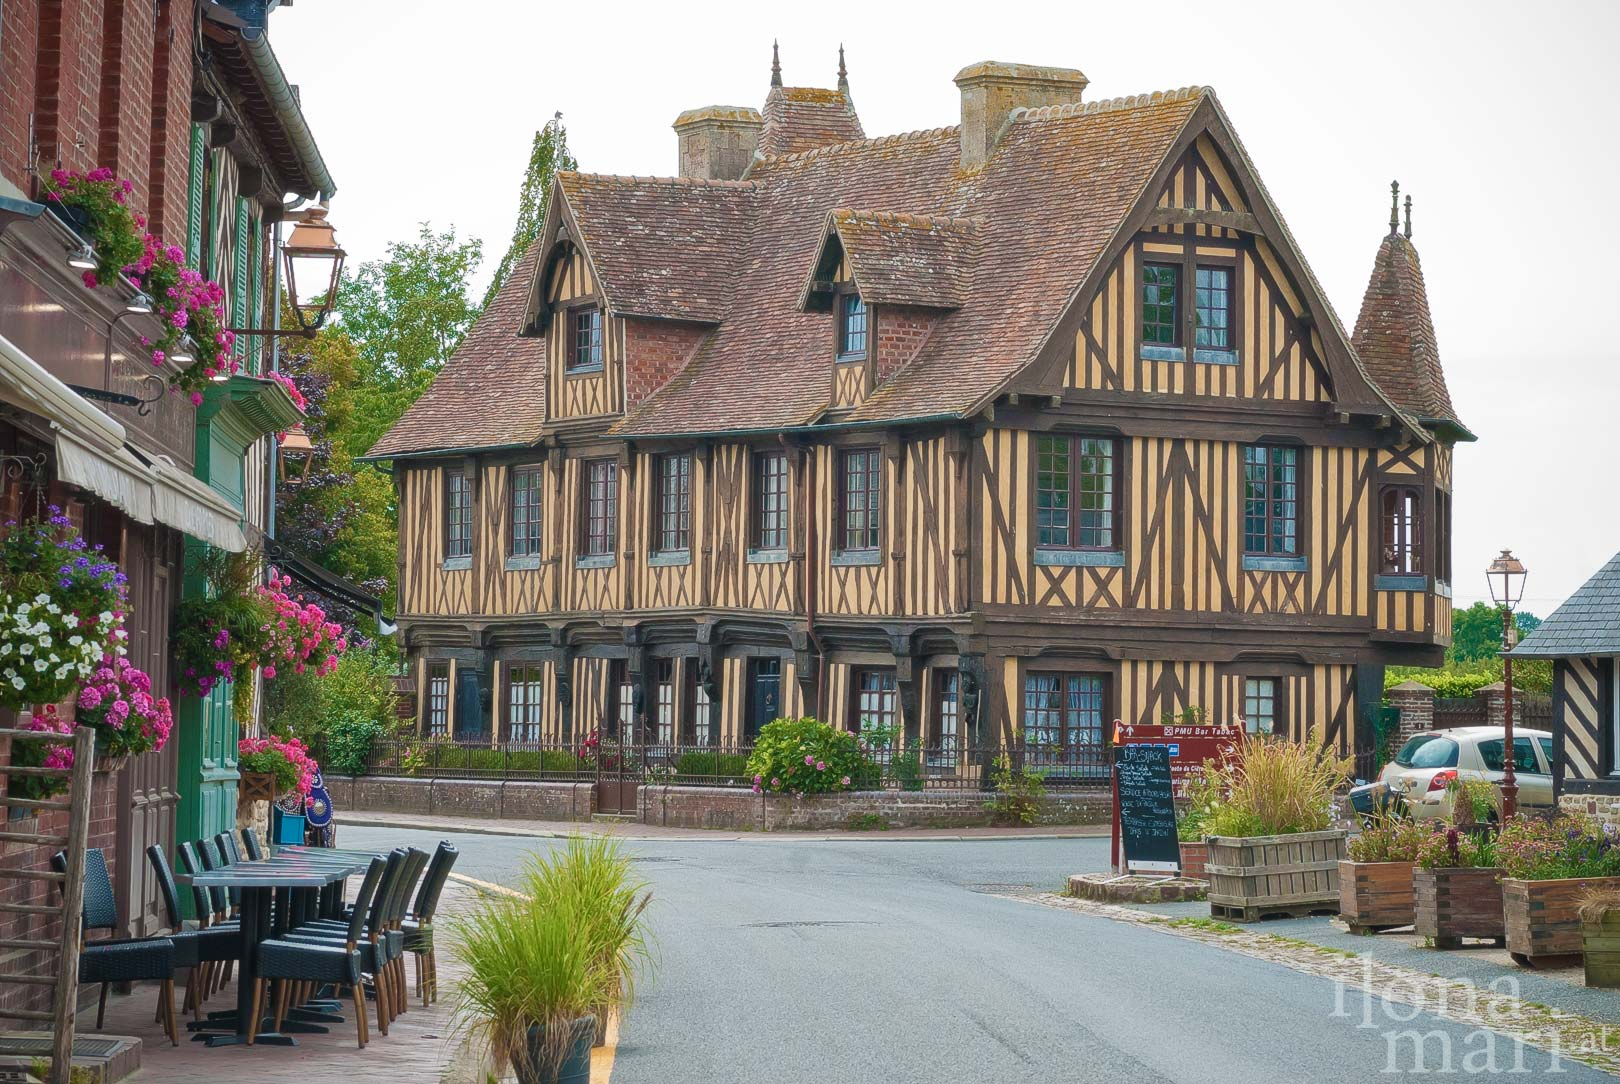 Manoir - Herrenhaus von Beuvron-en-Auge in der Normandie